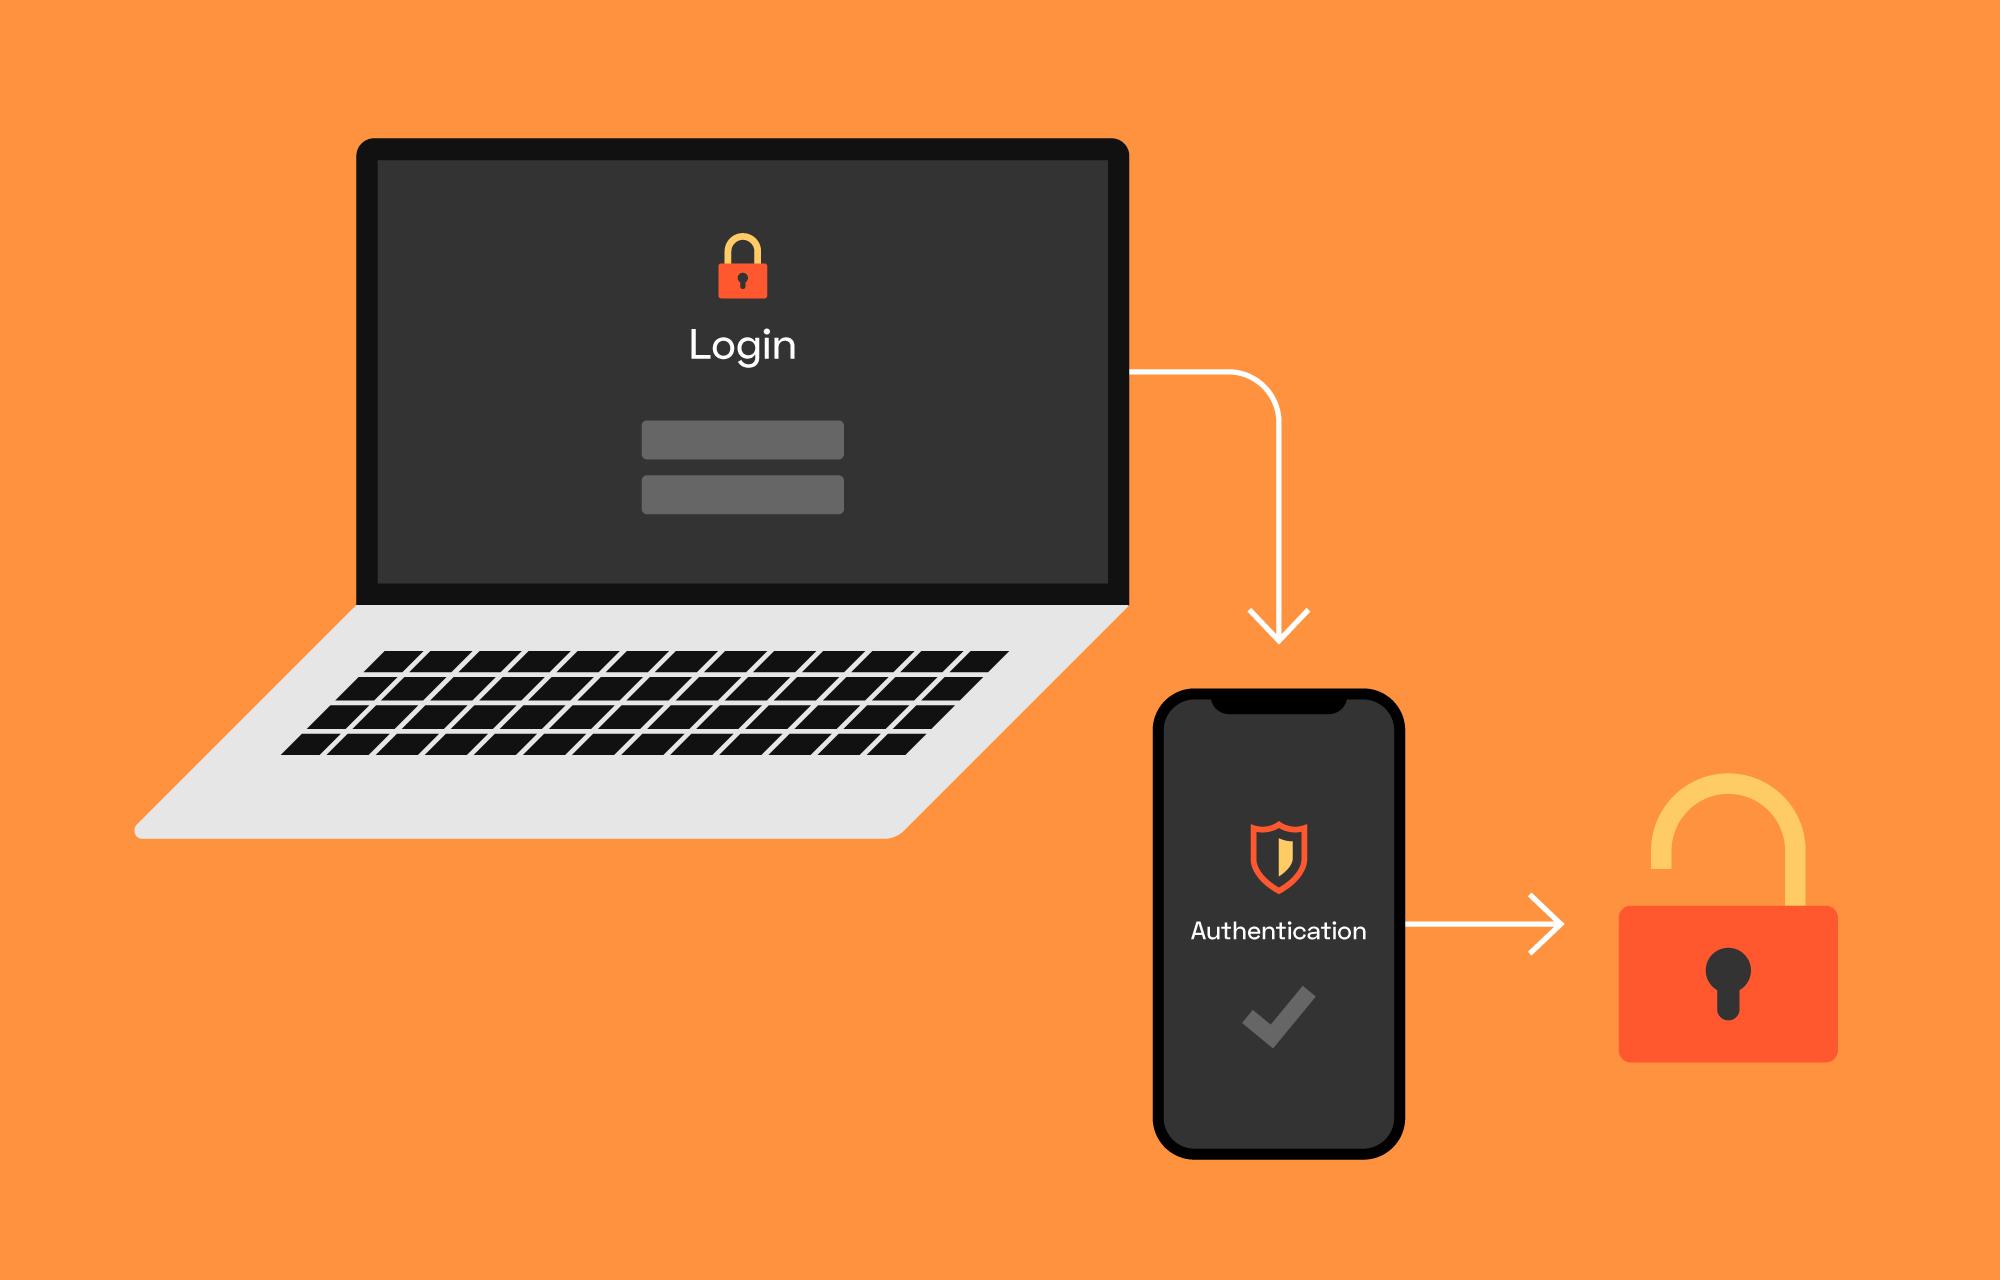 En login-skjerm på laptop og autentisering på telefon åpner en lås.